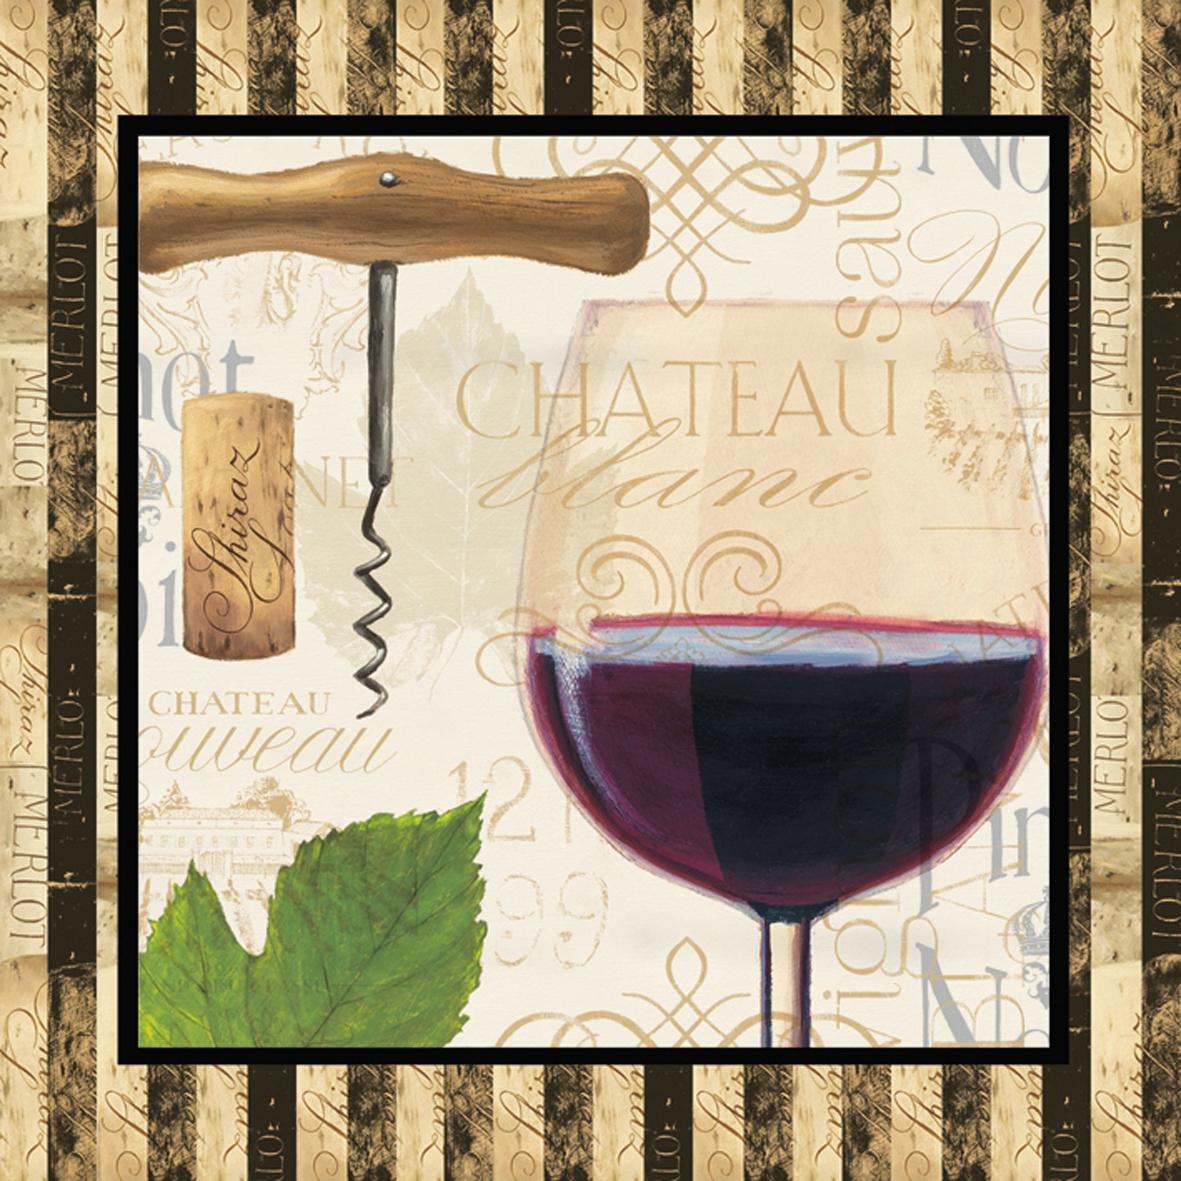 Servietten / Getränke,  Everyday,  cocktail servietten,  Wein